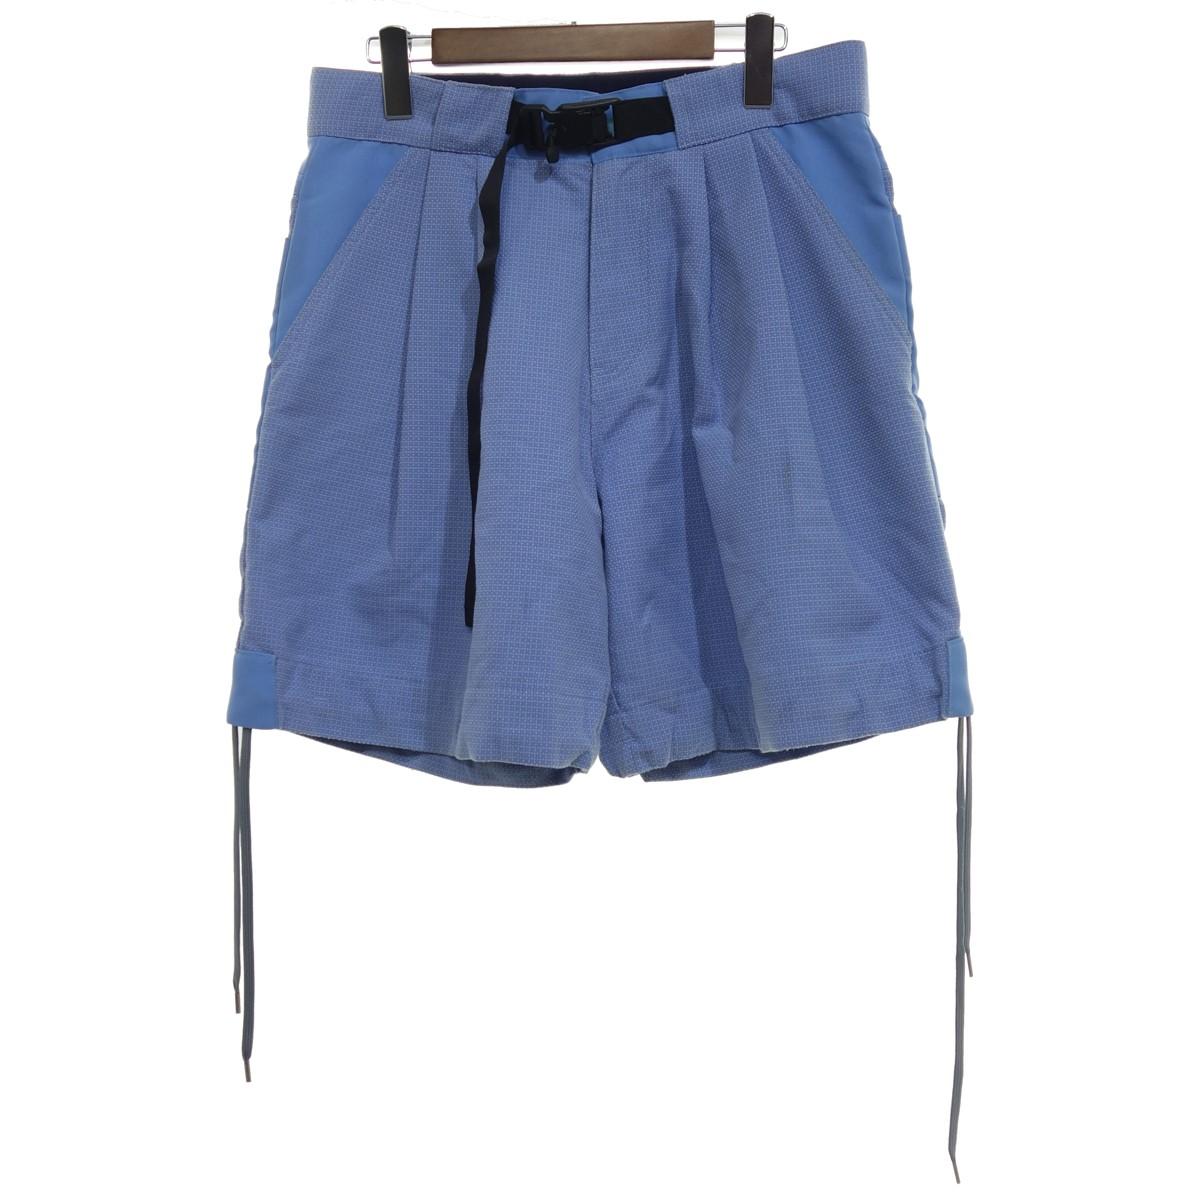 【中古】meanswhile Sashiko Sack Shorts ライトブルー サイズ:M 【120520】(ミーンズワイル)